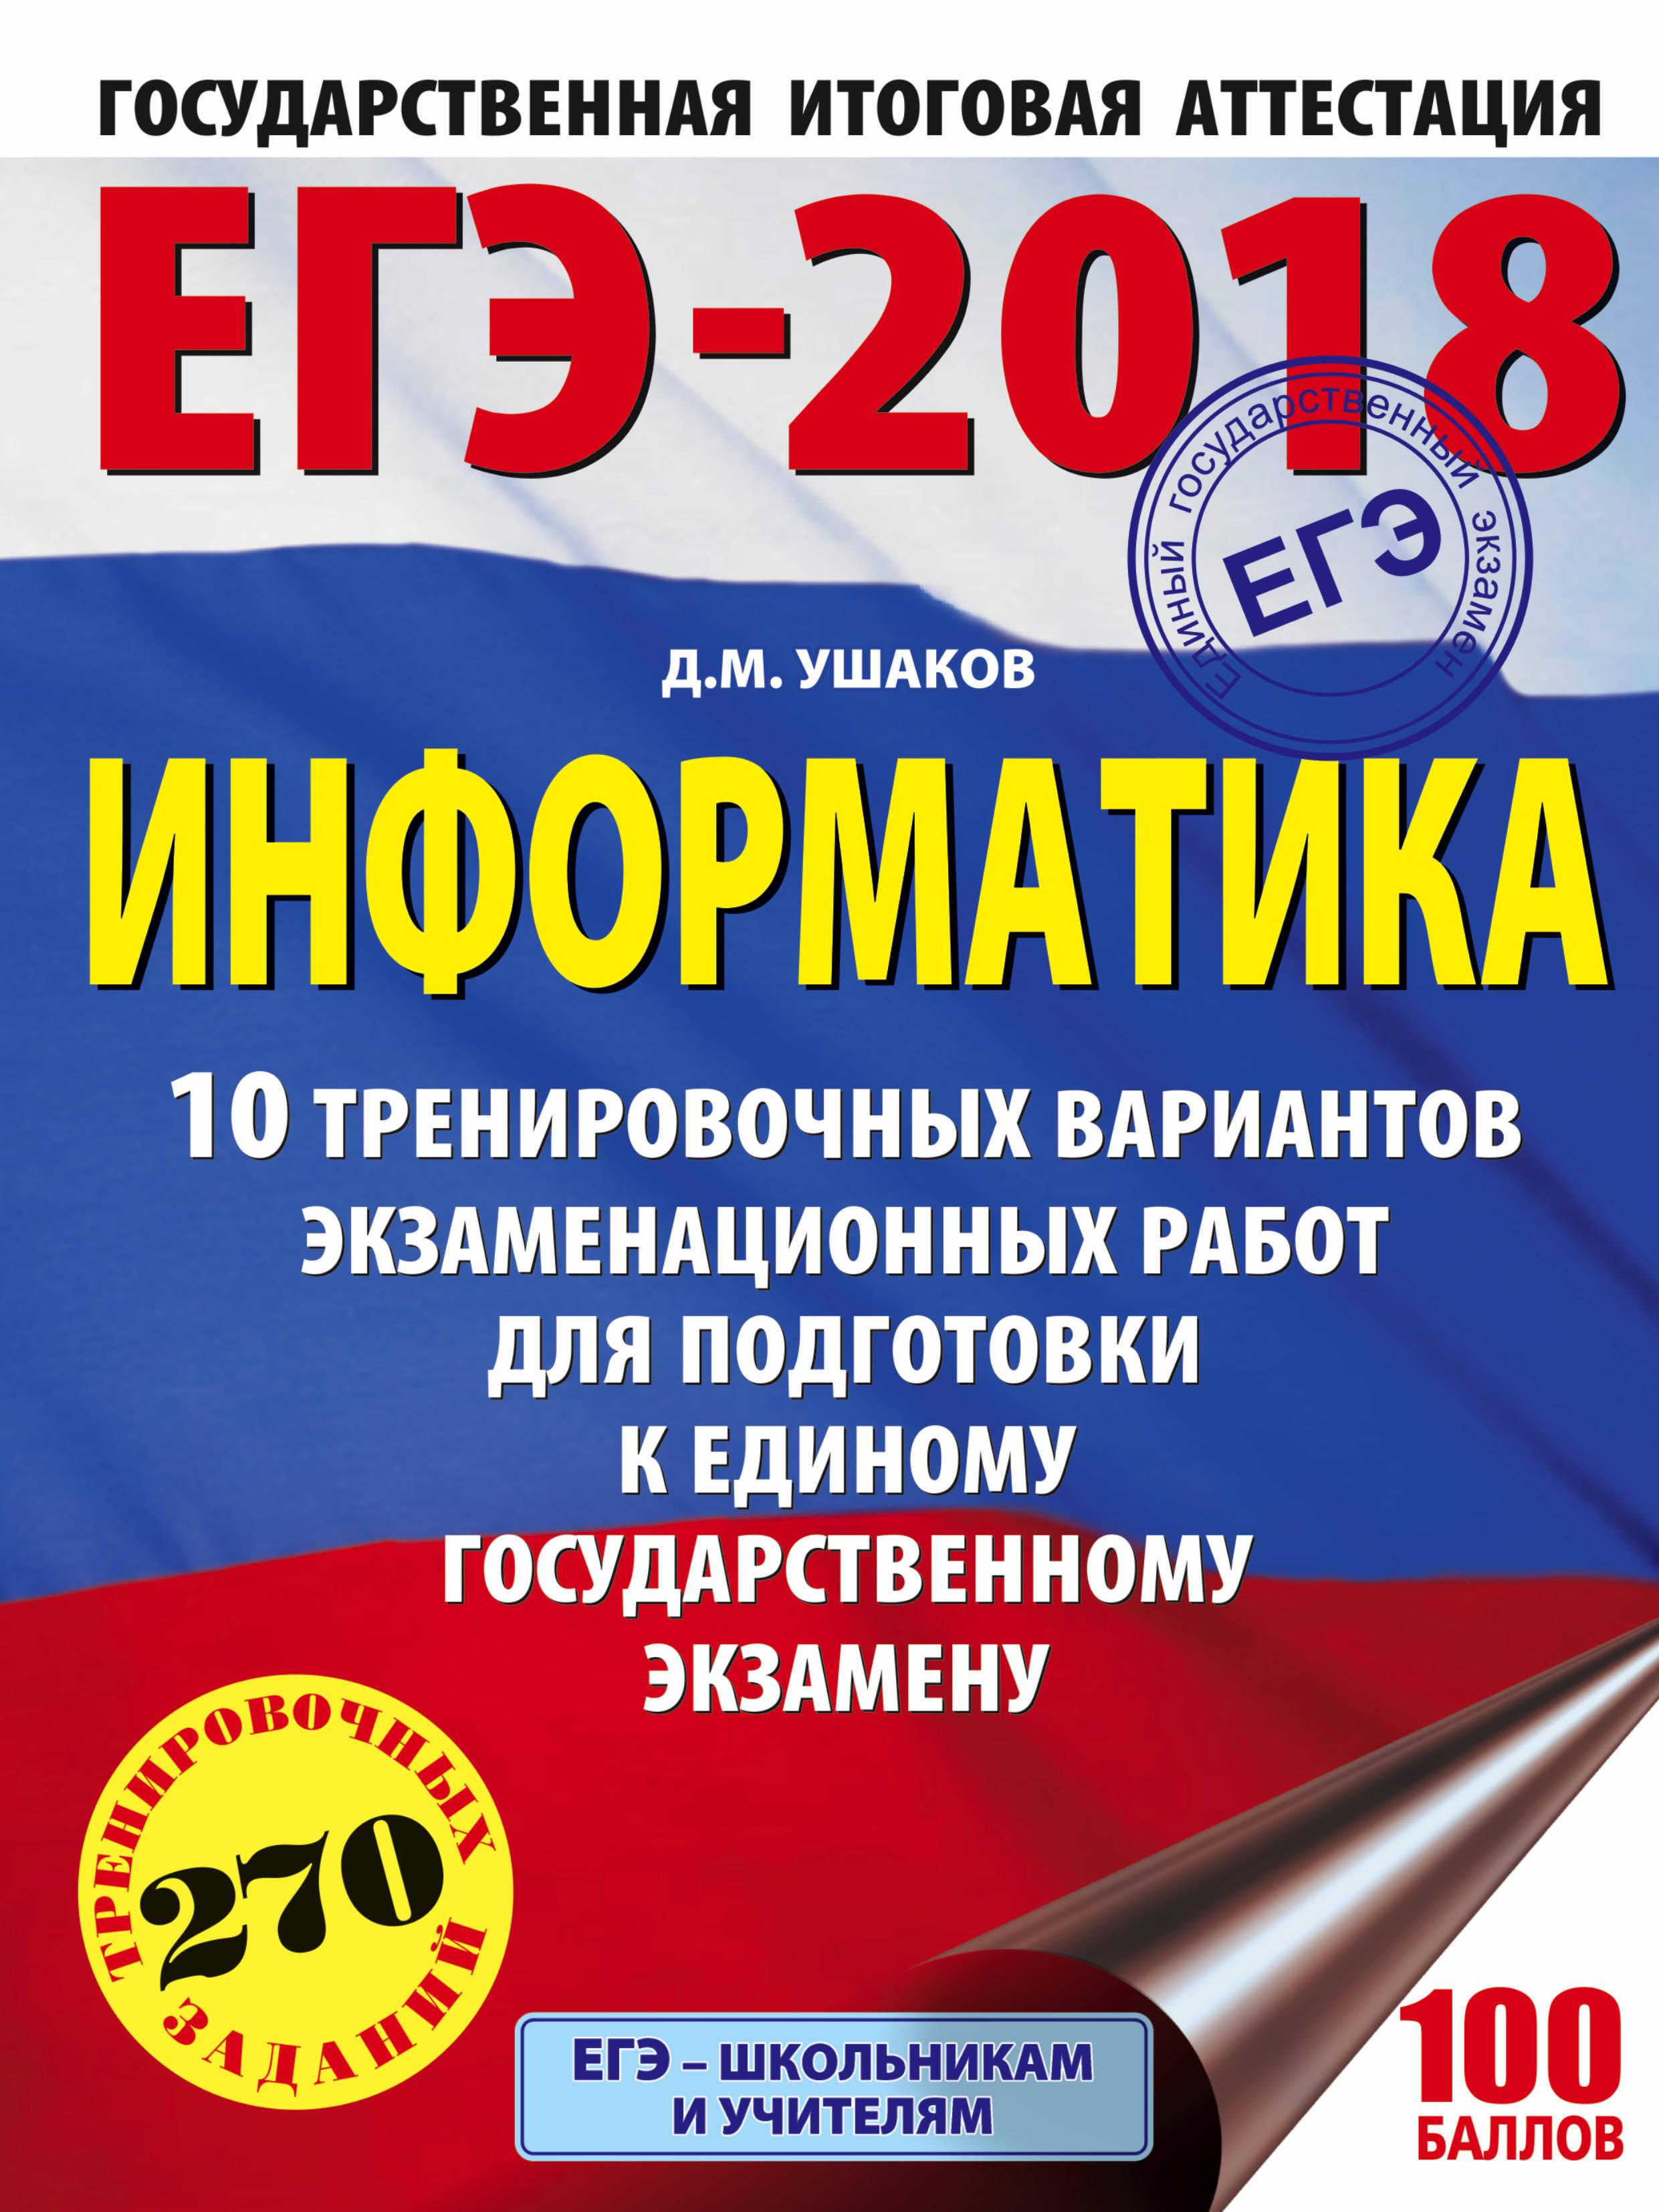 Д. М. Ушаков ЕГЭ-2018. Информатика (60х84/8) 10 тренировочных вариантов экзаменационных работ для подготовки к ЕГЭ